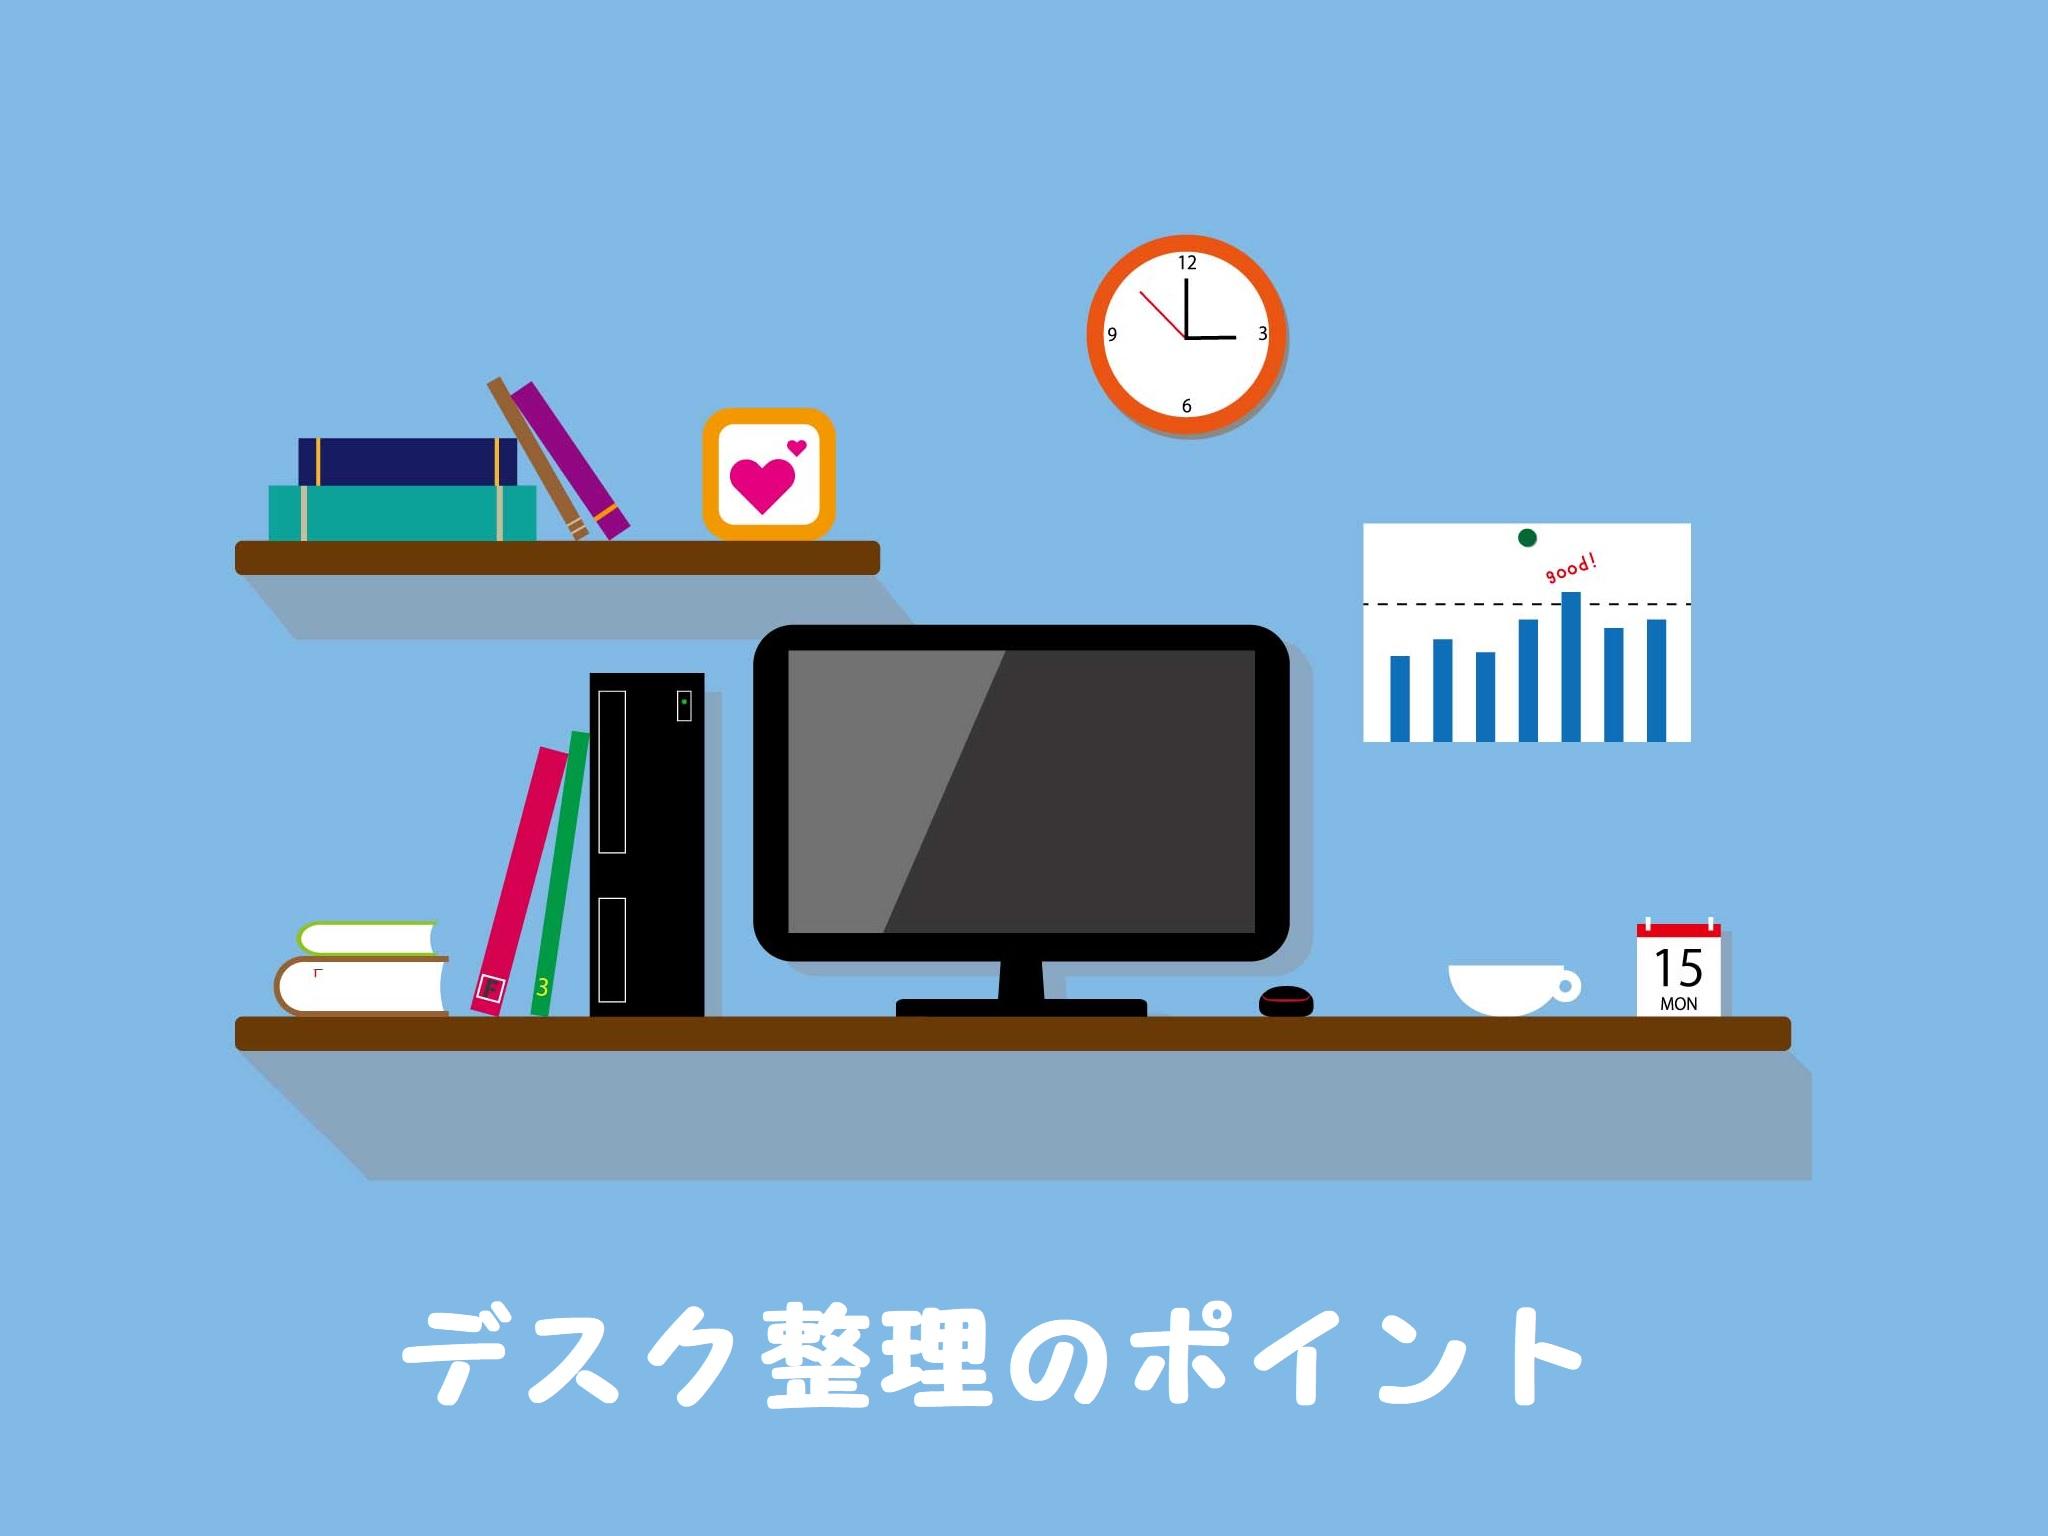 【デスク整理】作用効率アップ!キレイな机で仕事の時間短縮を!